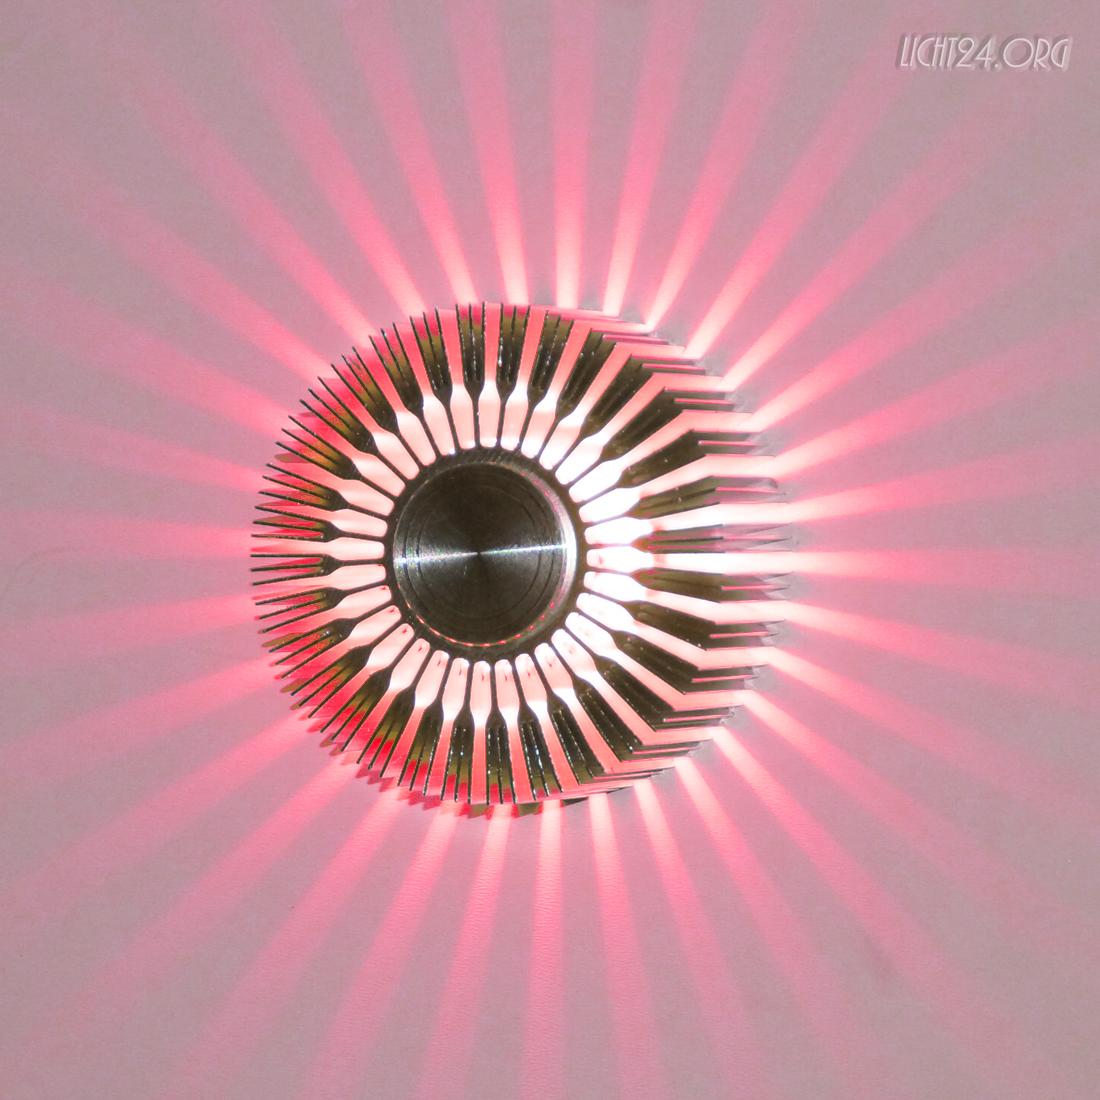 Details zu LED Wandstrahler STRIPES rot Wandleuchte DesignStrahle r 5